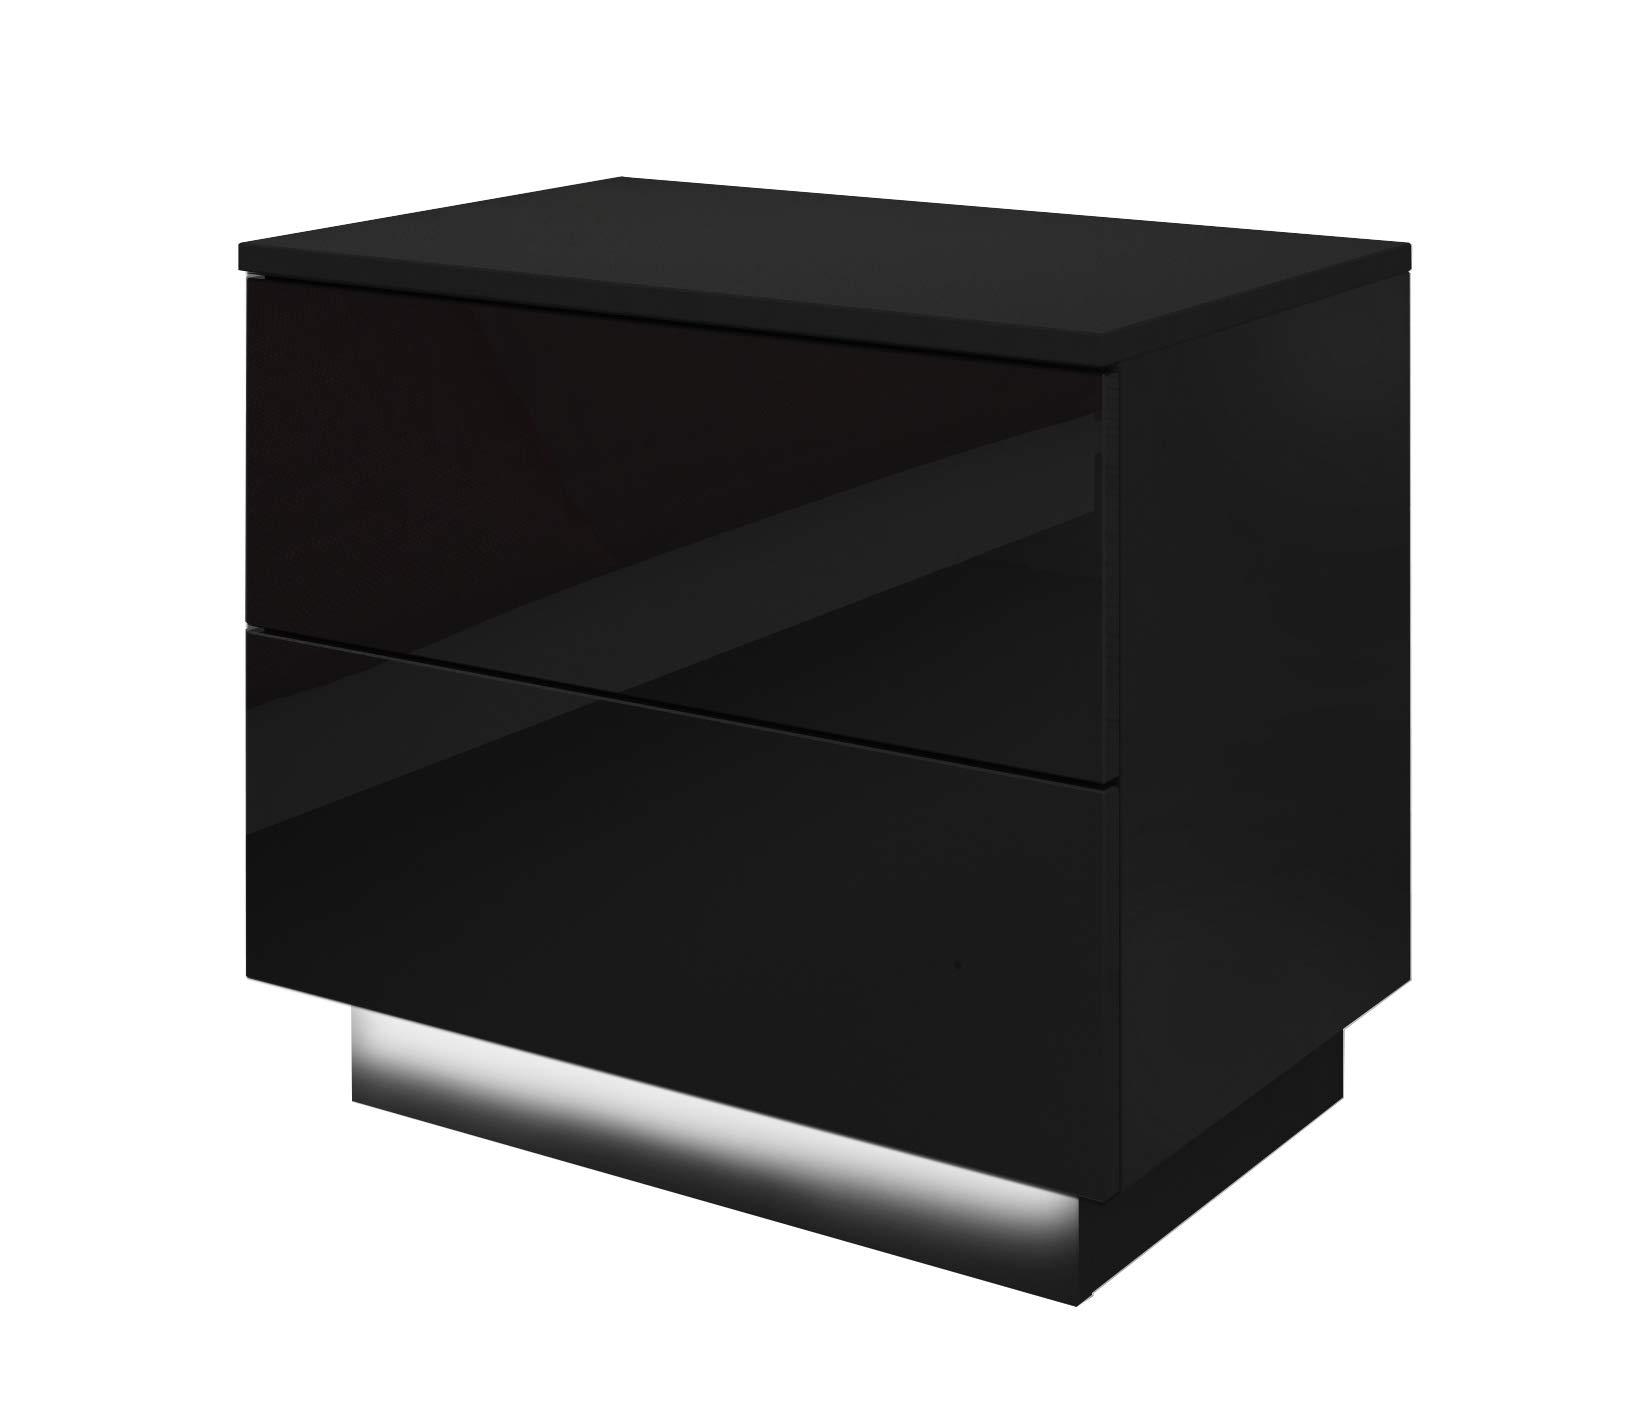 Parete da Soggiorno Moderno sospeso Modello Nora H3 Bianco con LED 160cm x Altezza Minima 190cm x profondit/à Maxima Larghezza Totale muebles bonitos Mobile Soggiorno 40 cm